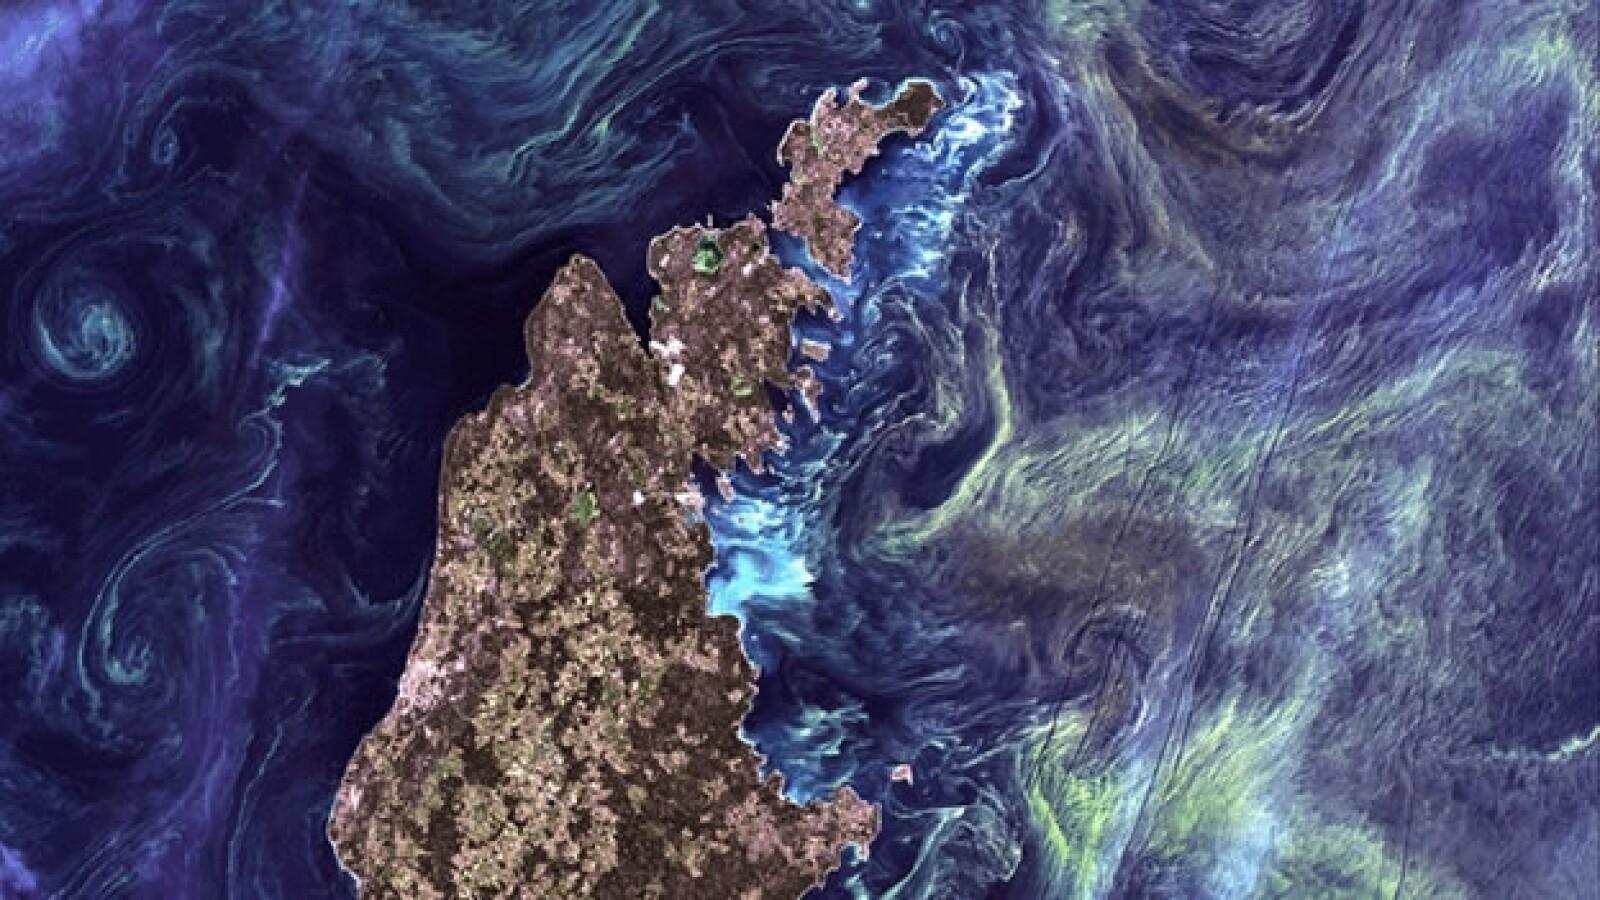 Mar baltico, oceano, plancton, espacio